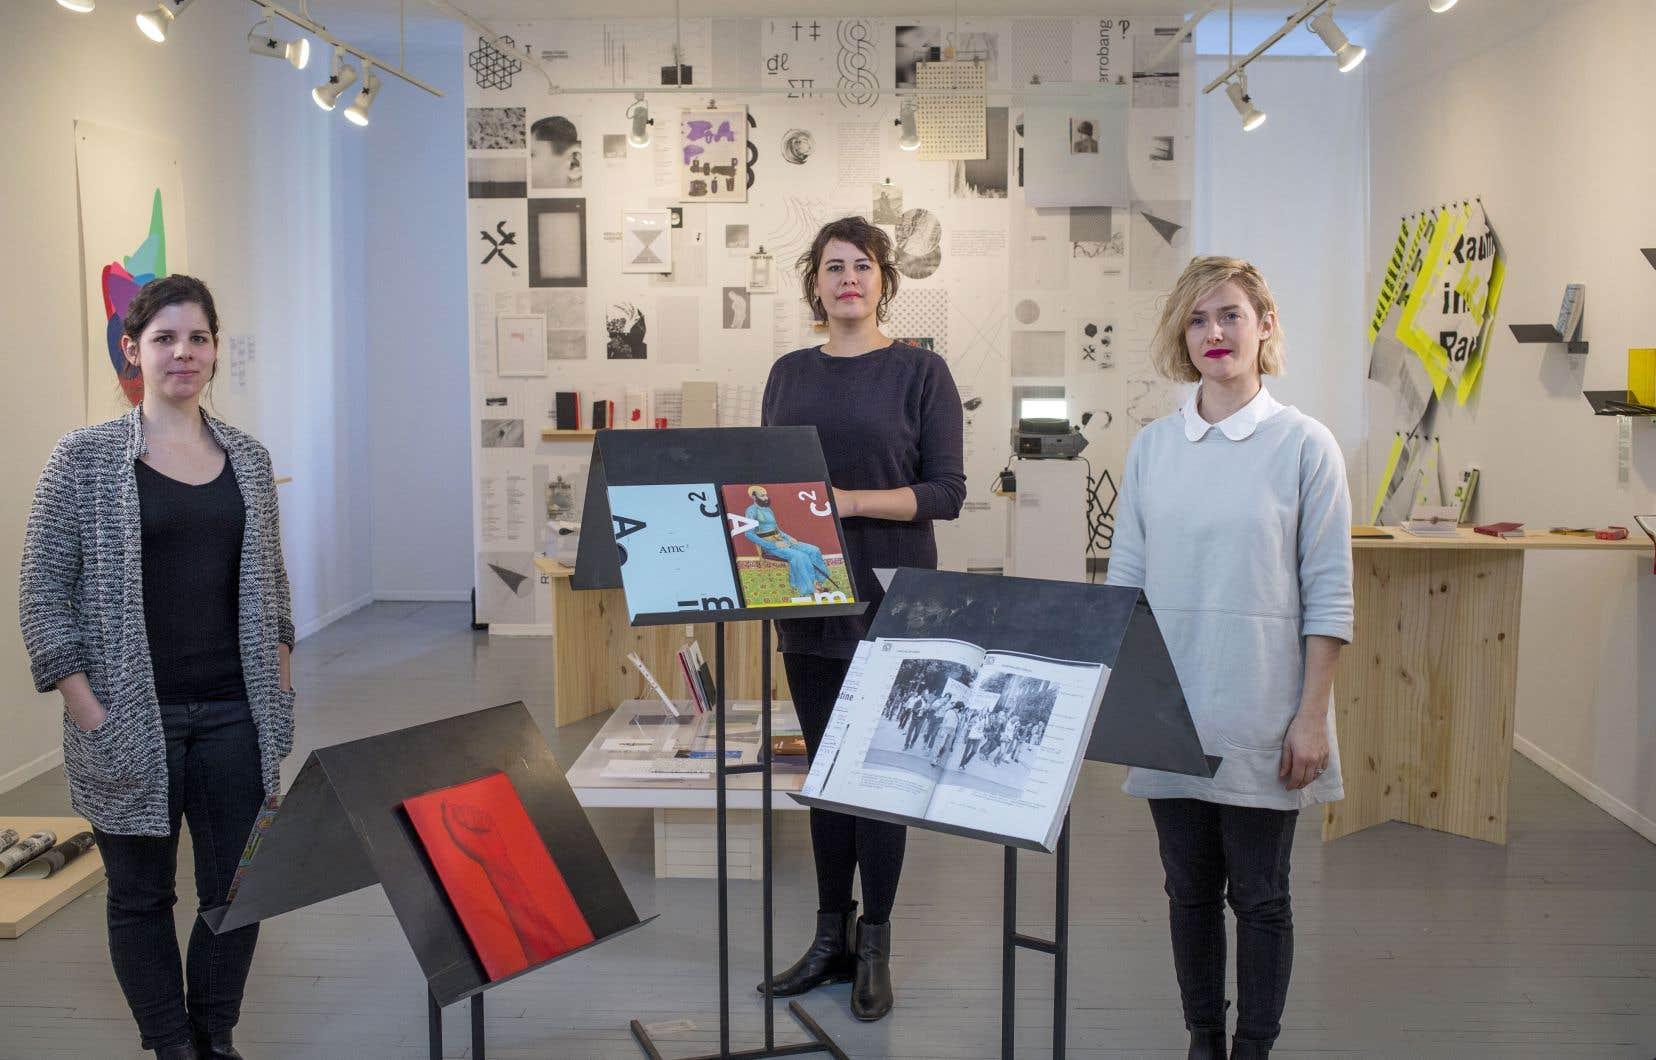 La directrice générale d'Arprim, Emmanuelle Choquette, la designer Marie Tourigny et l'éditrice Catherine Métayer, fondatrices de Collectif blanc